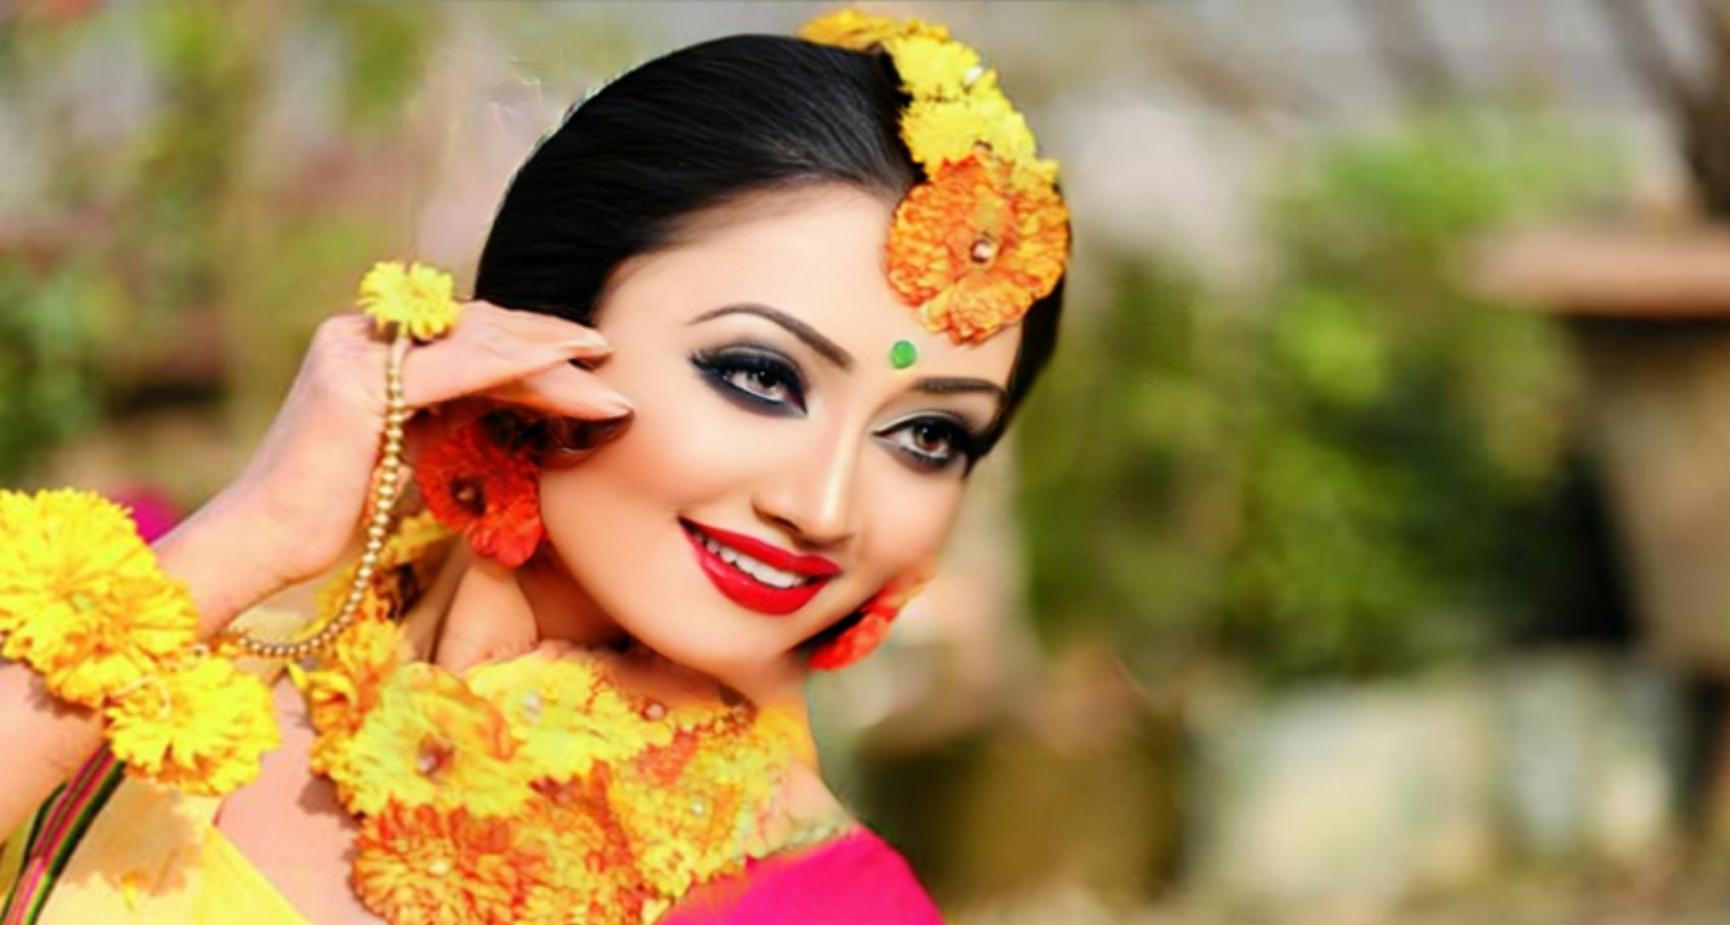 হলুদ বরন কন্যা : রুবি বিনতে মনোয়ার